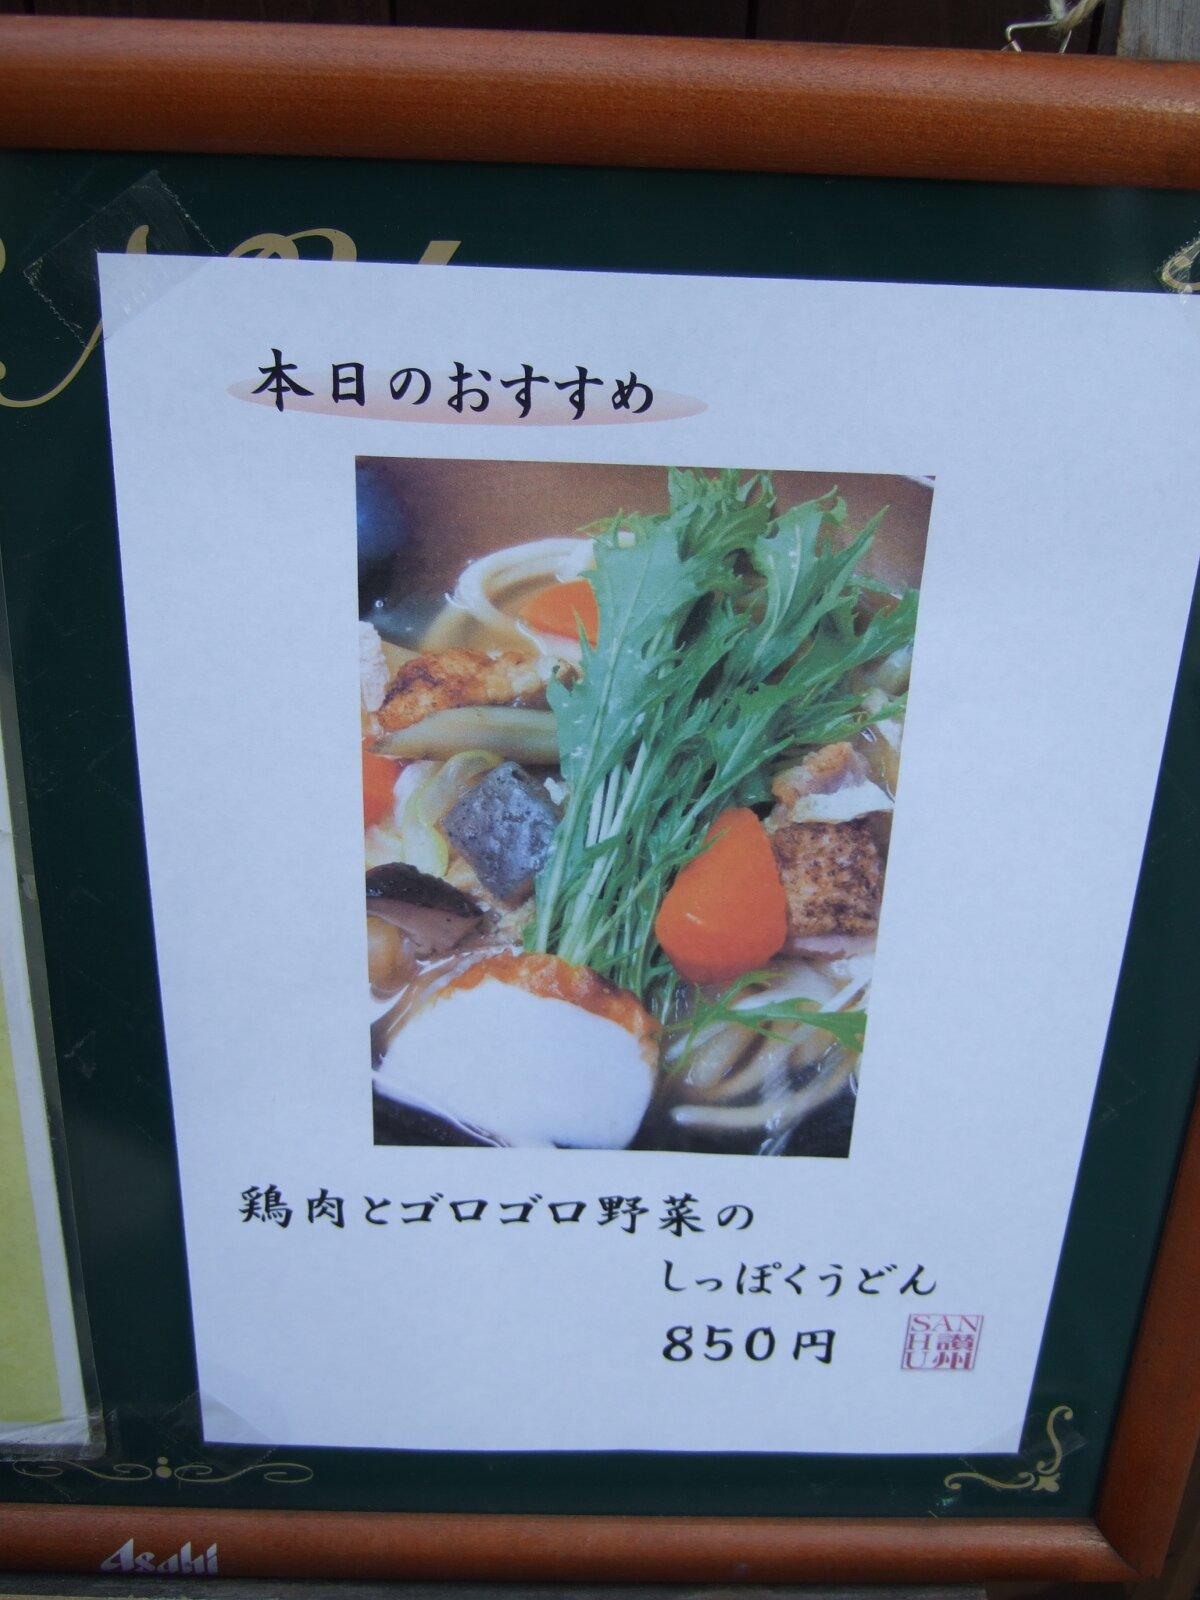 DSCF8946a.jpg